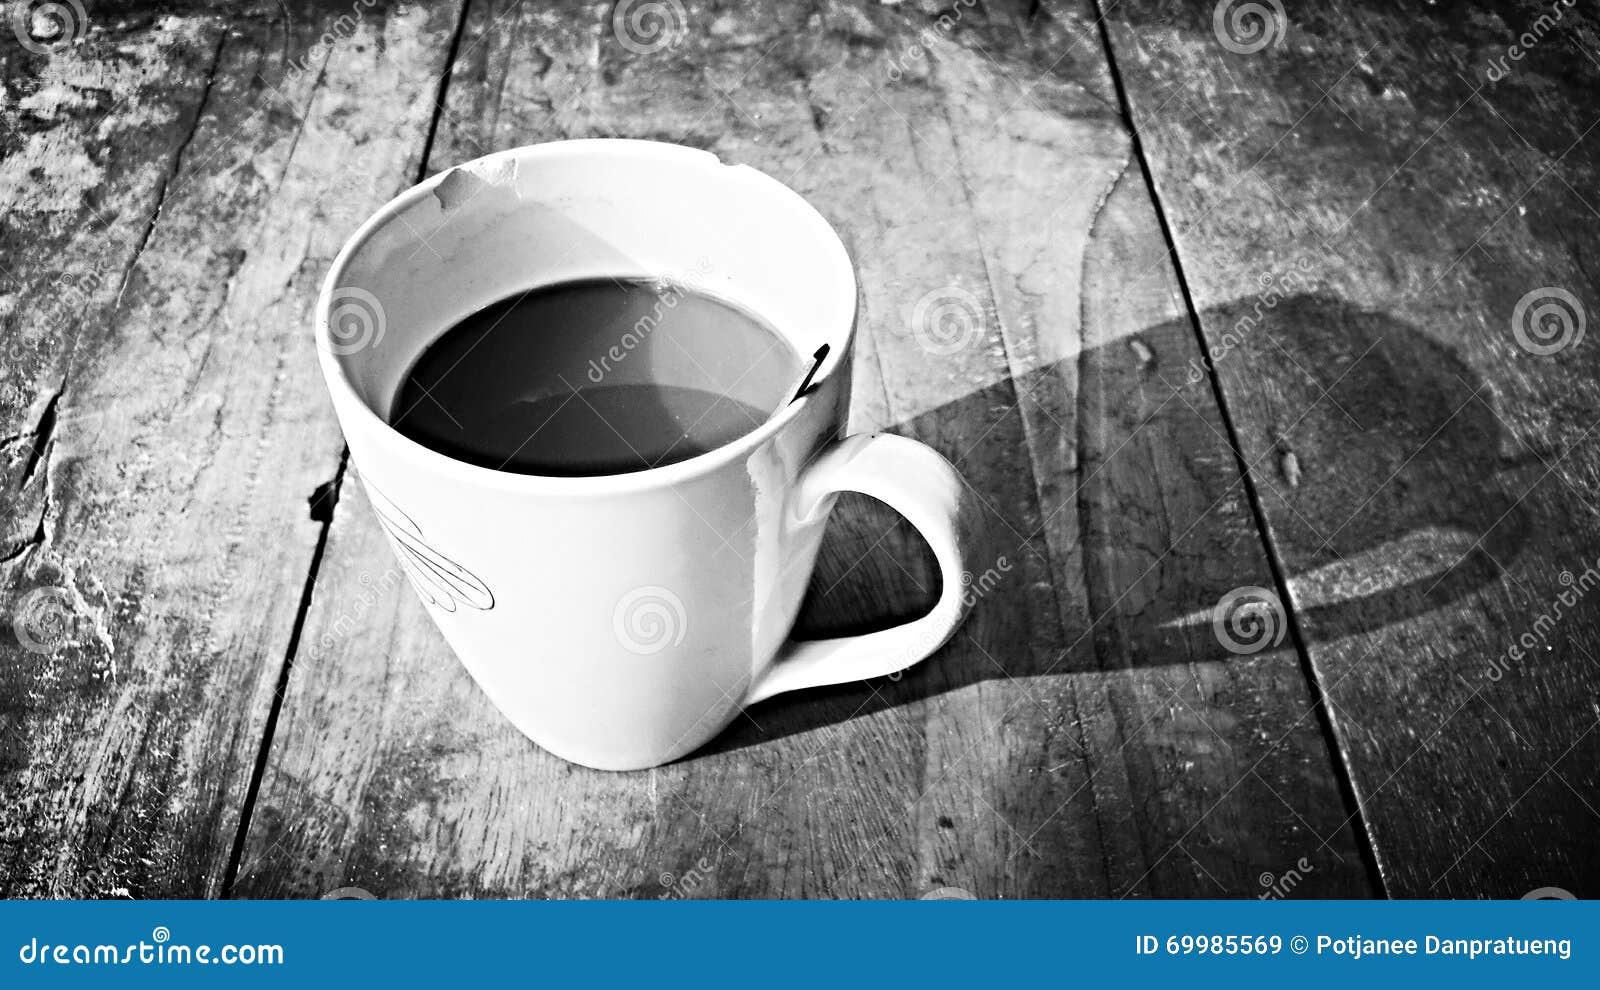 παλαιά επιχειρησιακού καφέ συμβάσεων διαμορφωμένη φλυτζάνι φρέσκια γραφομηχανή σκηνής πεννών καλημέρας παλαιά